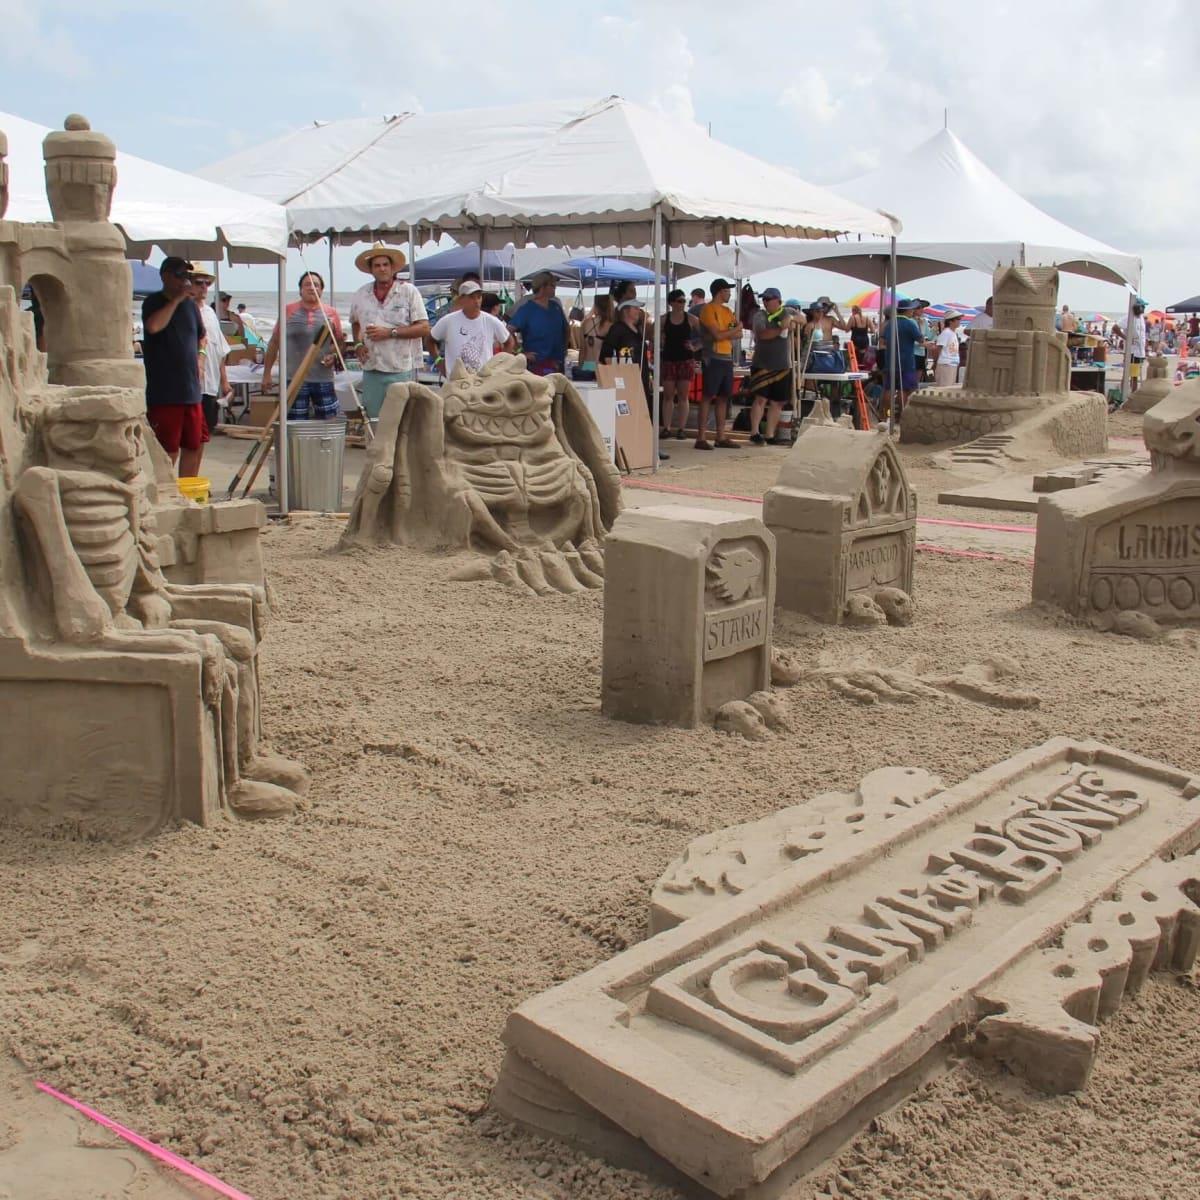 AIA Sandcastle contest, Galveston, 8/16